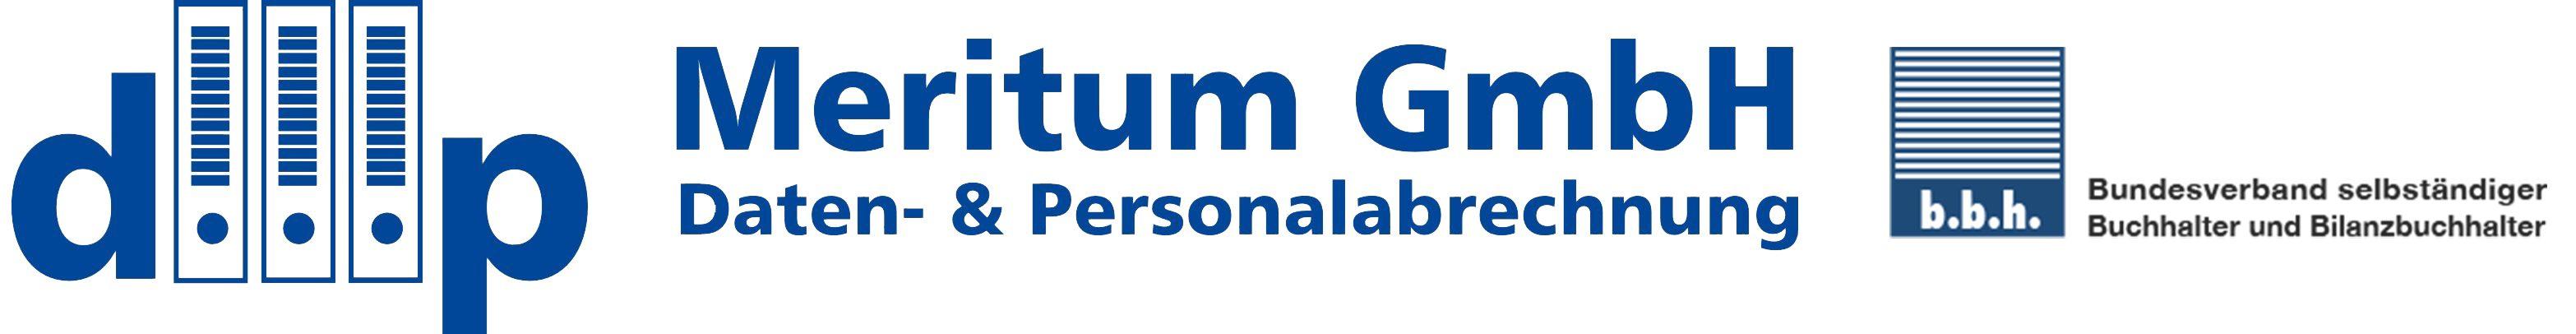 Logo von Meritum GmbH Daten- und Personalabrechnung